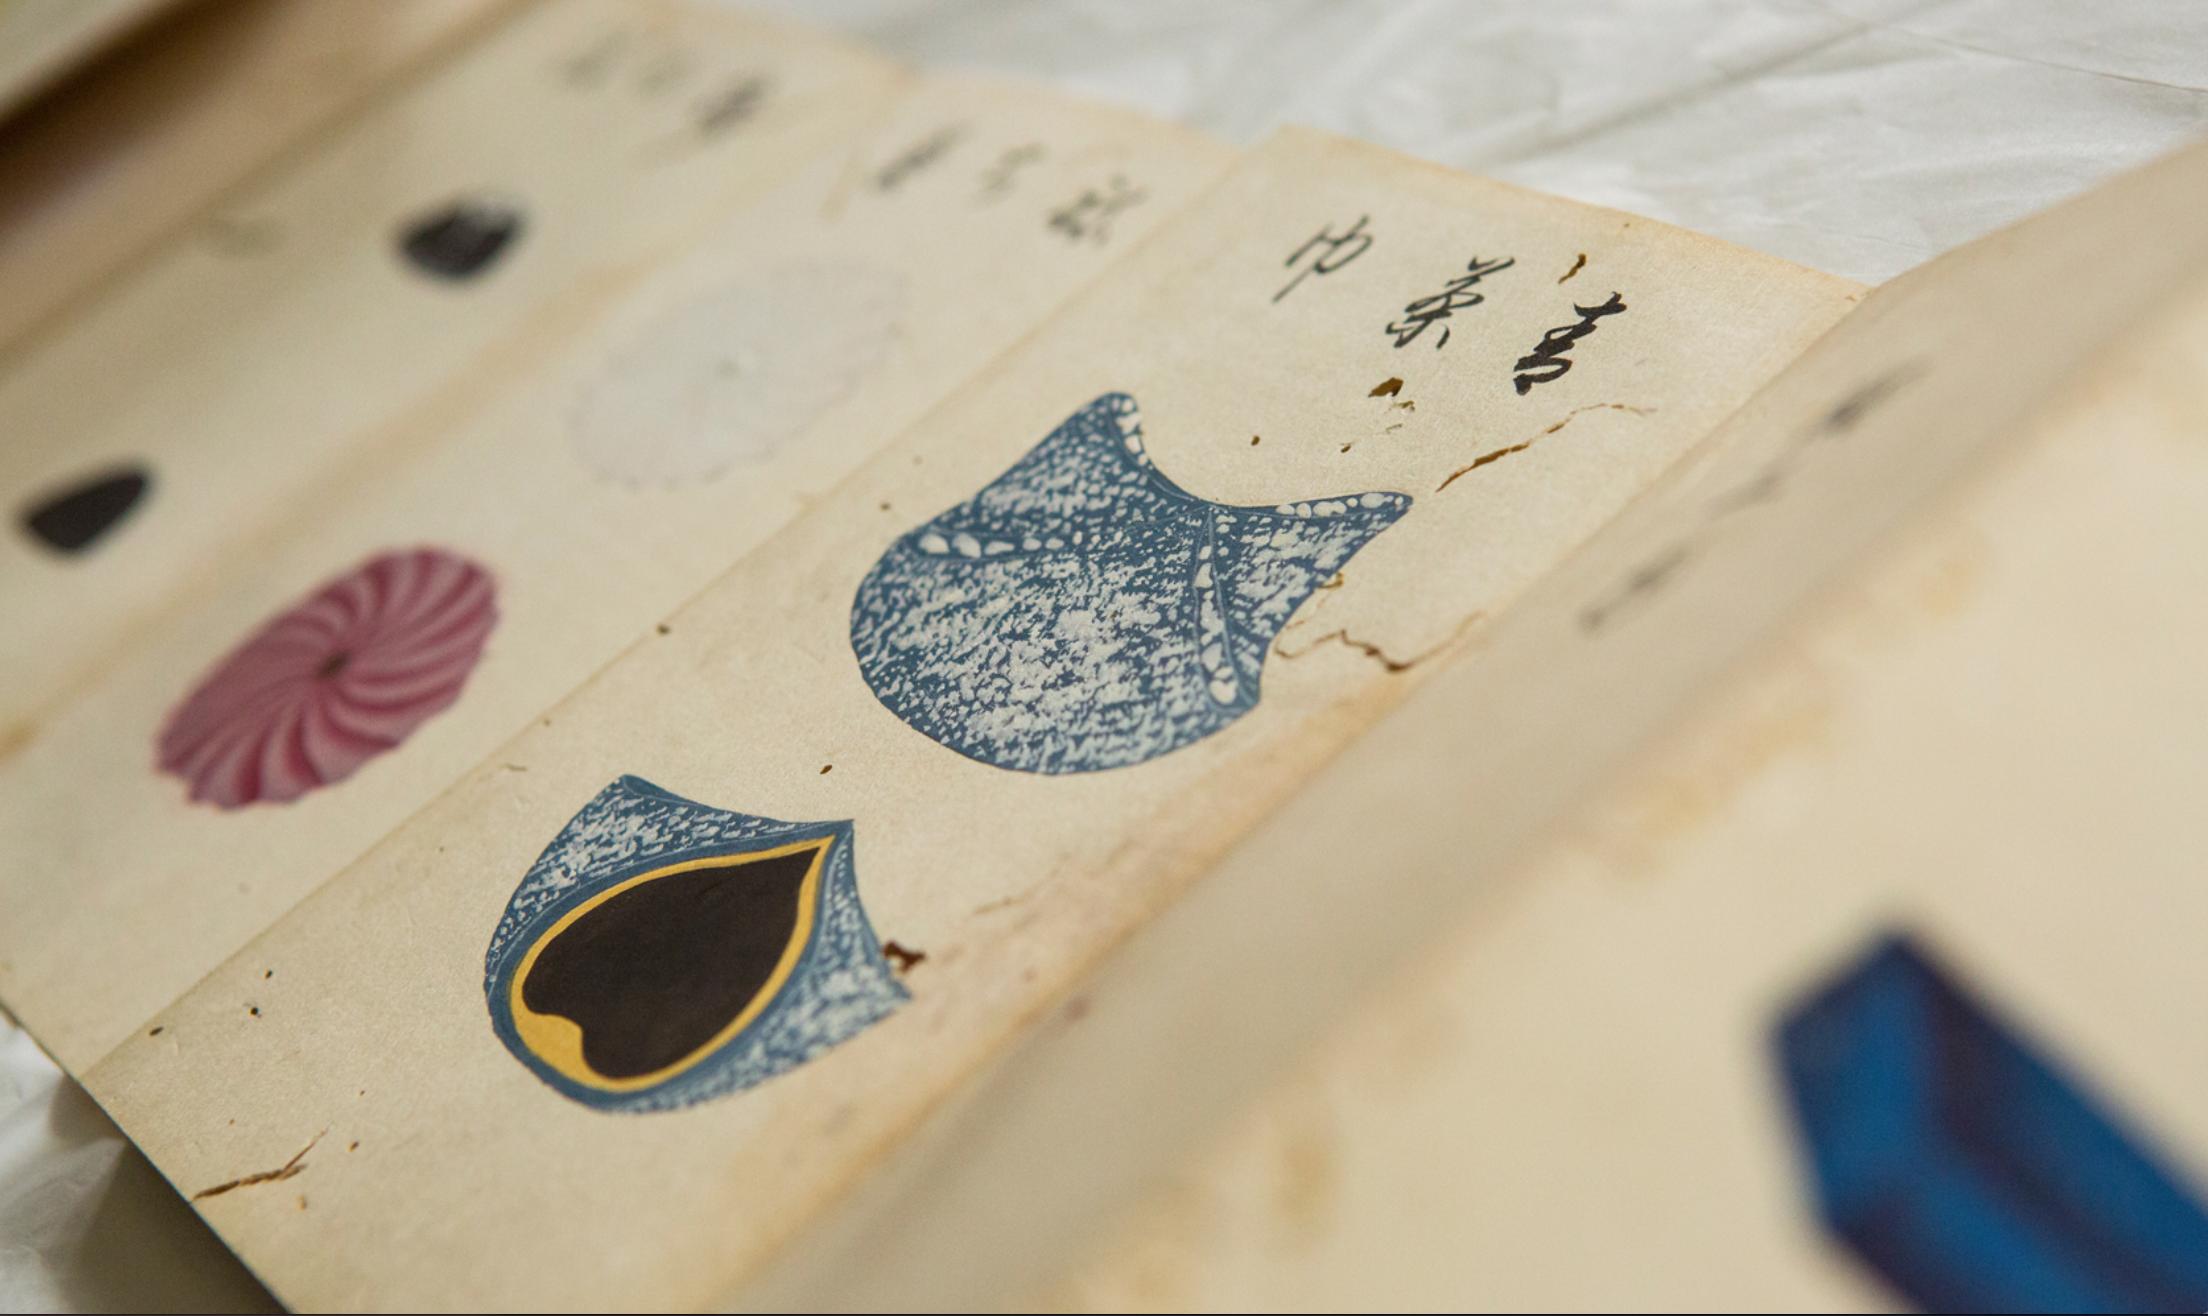 east to west sweets encyclopaedia-japan